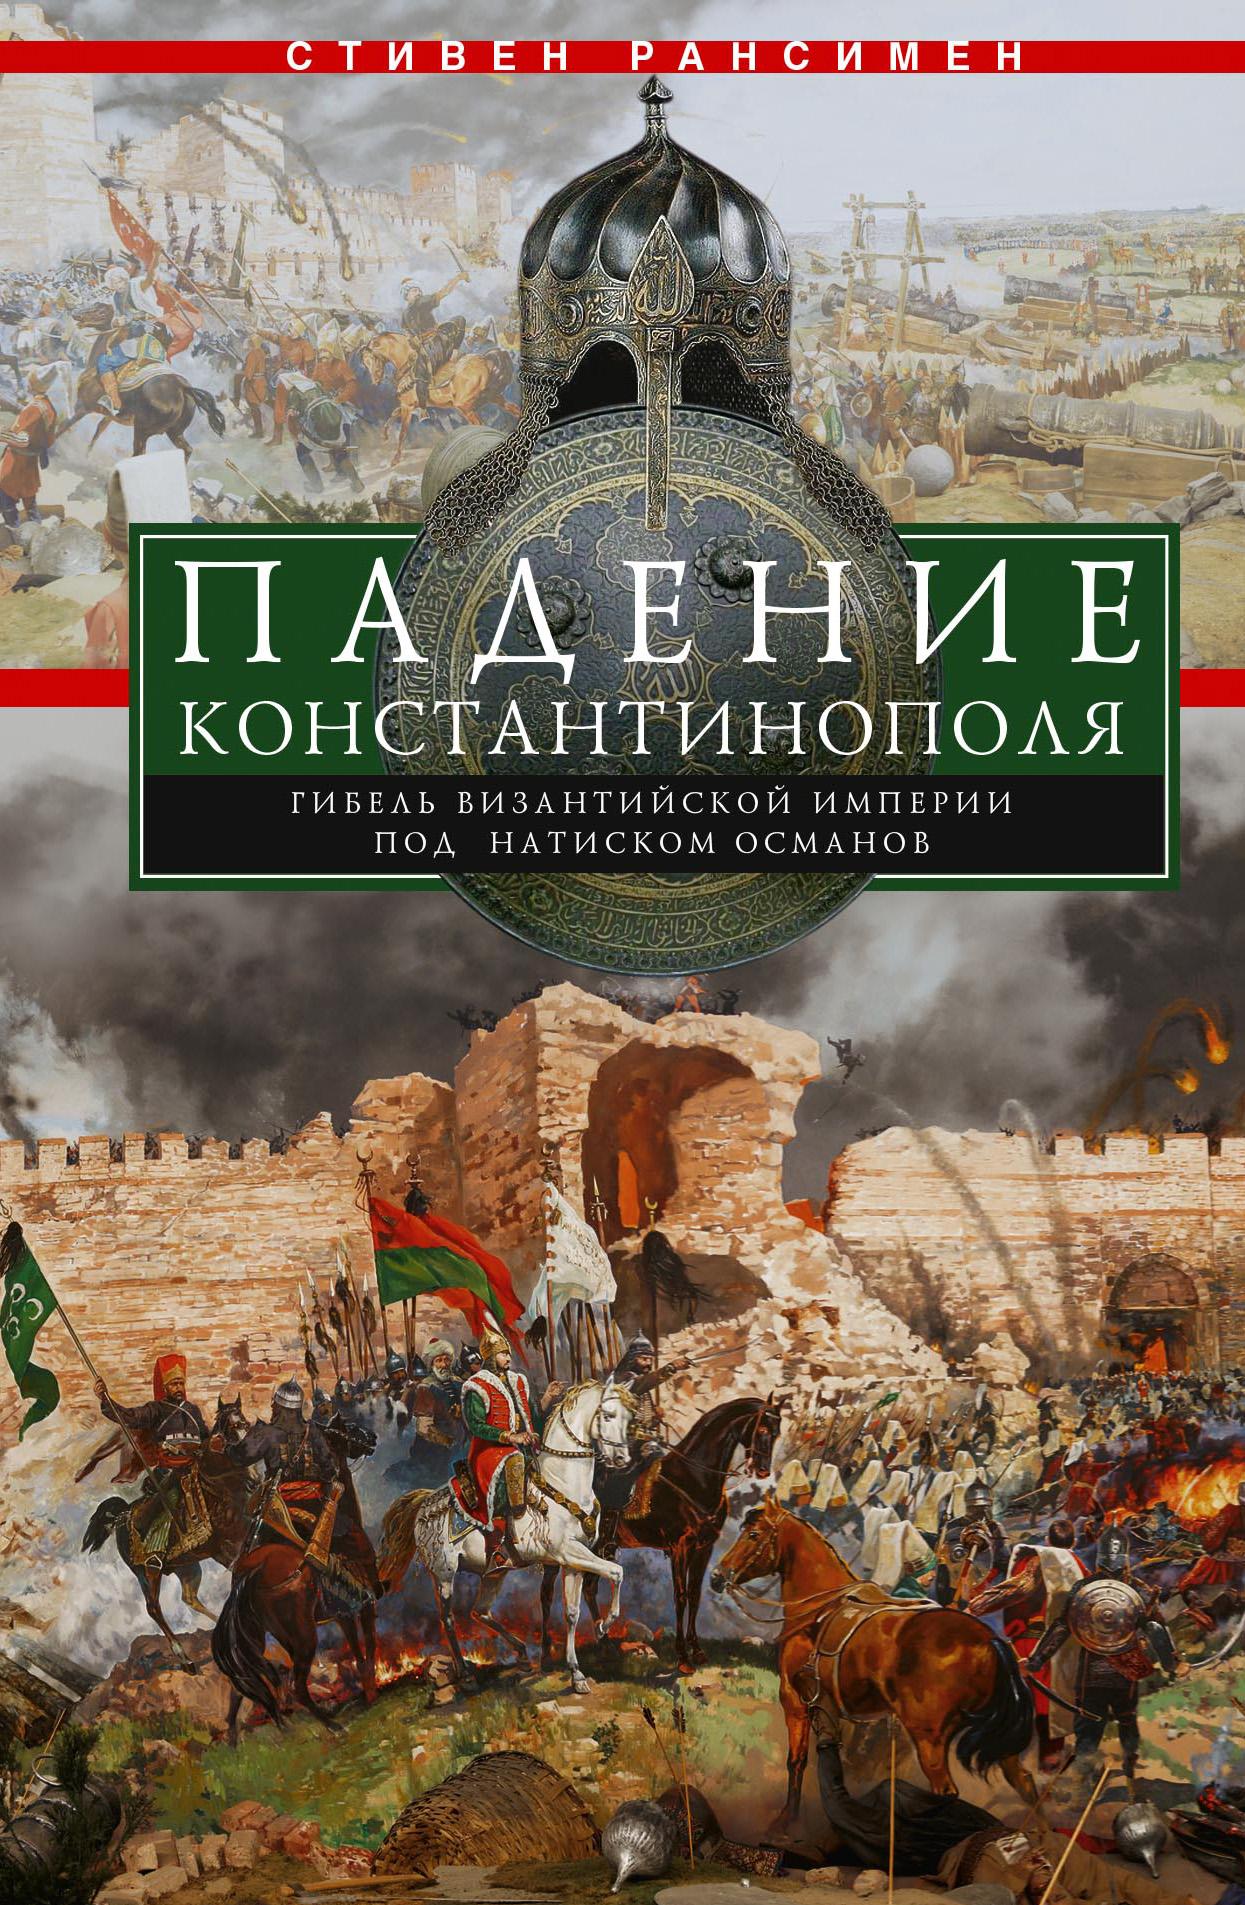 Падение Константинополя. Гибель Византийской империи под натиском османов